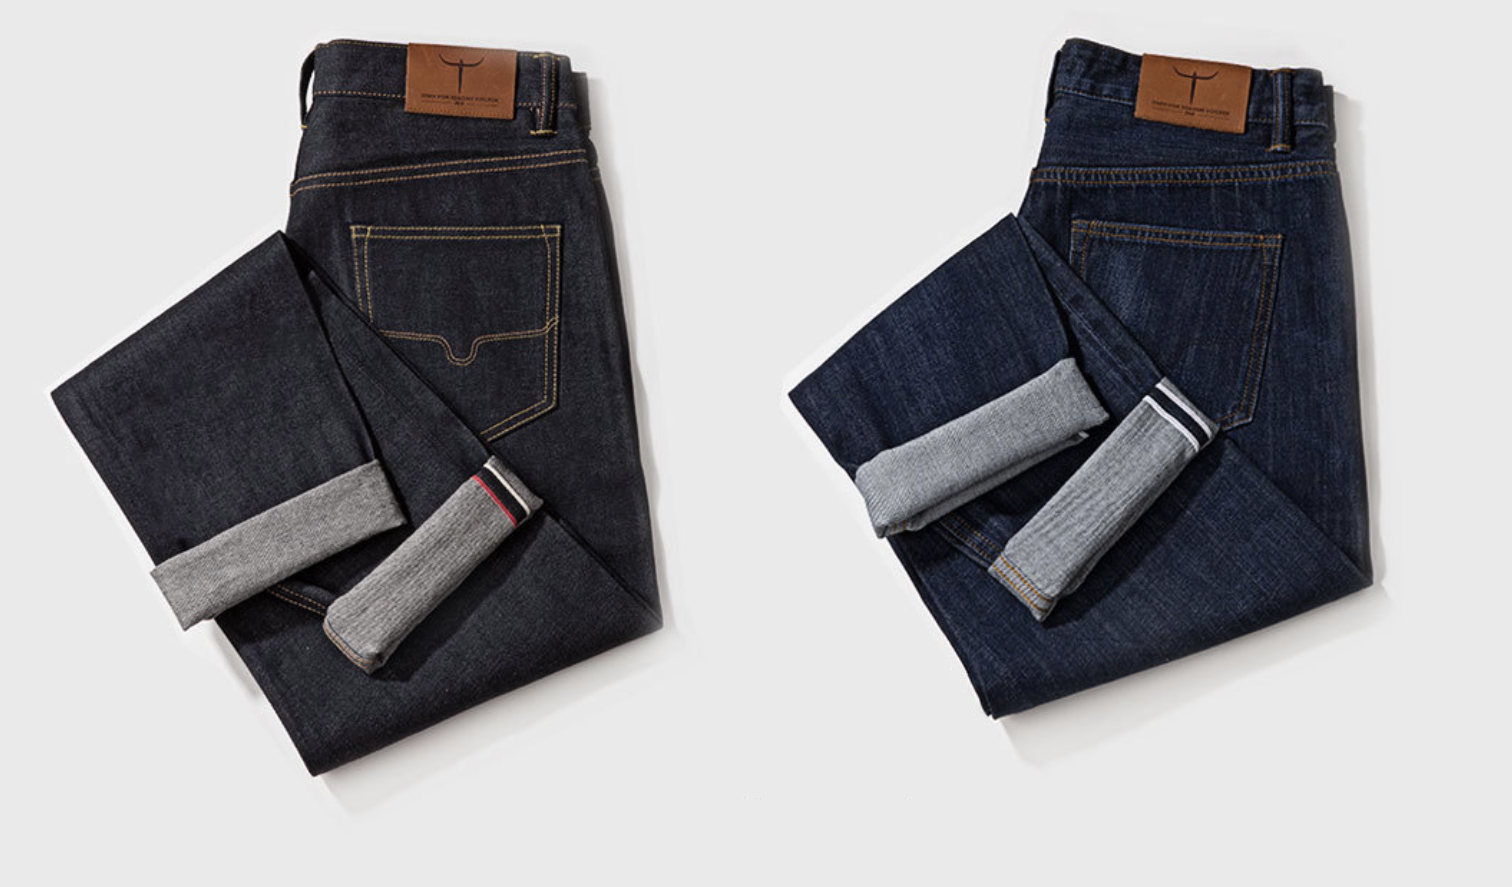 Xiaomi introduce più jeans